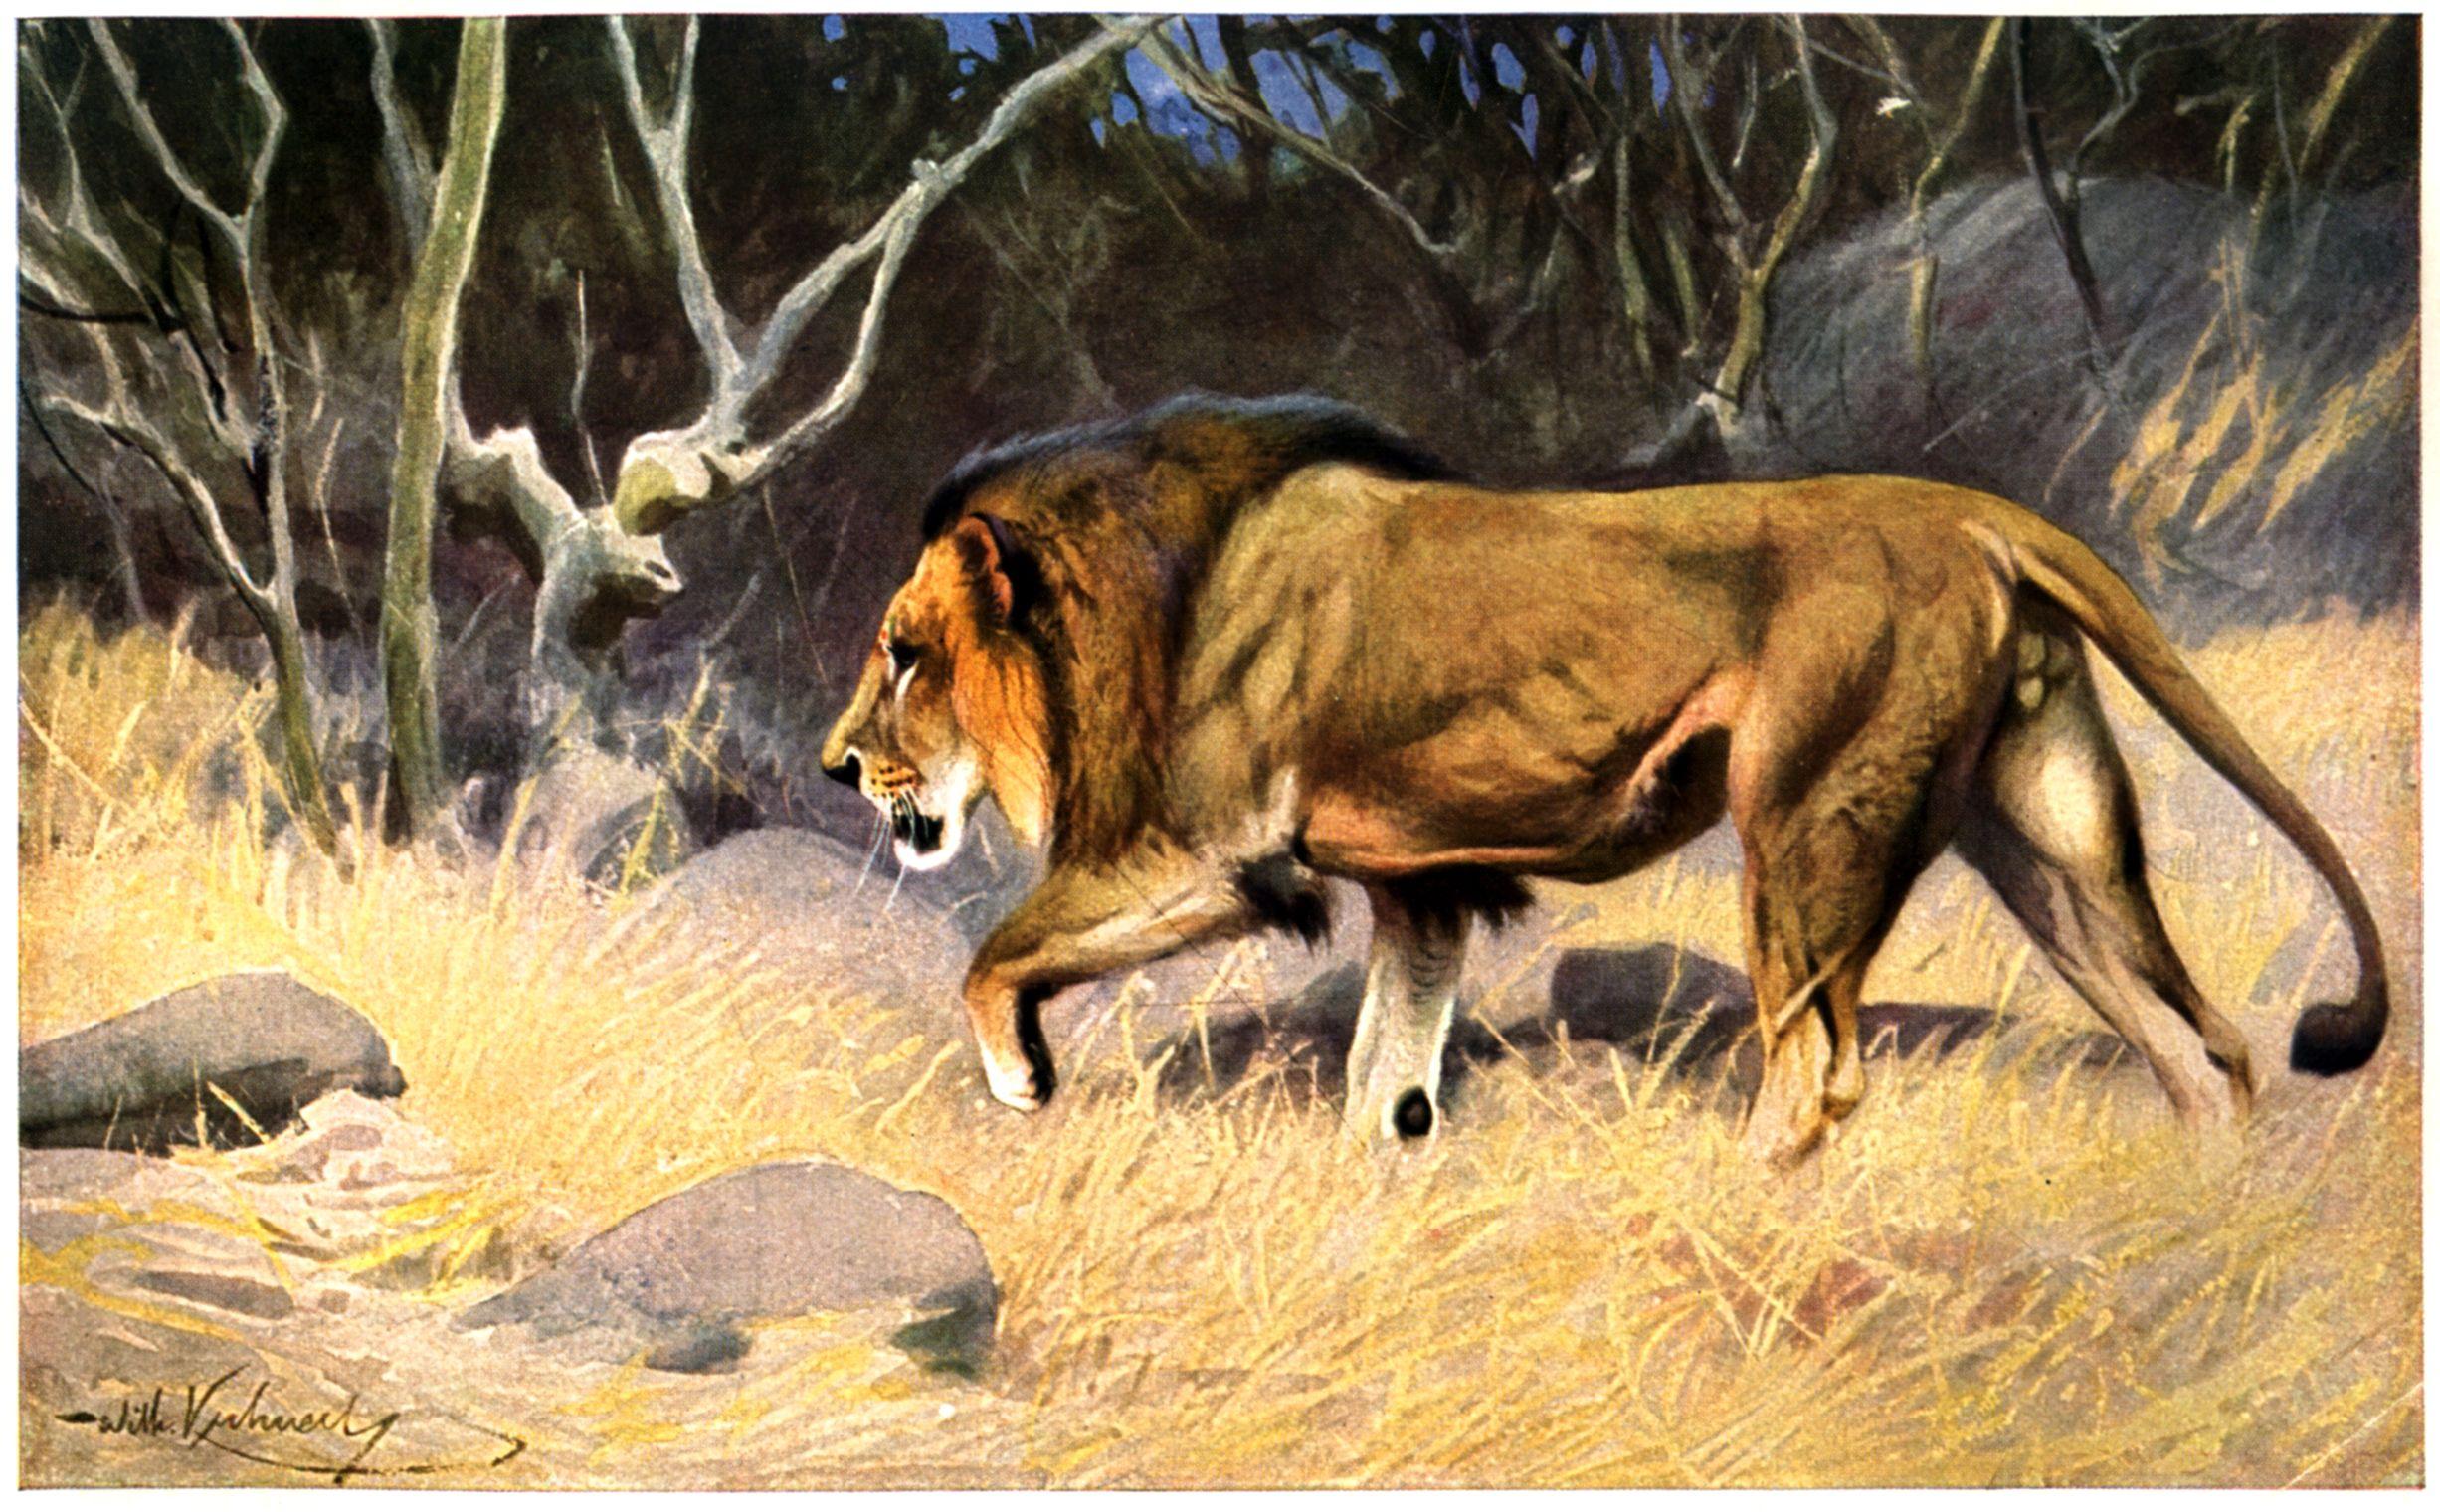 http://upload.wikimedia.org/wikipedia/commons/2/26/Loewe-painting.jpg